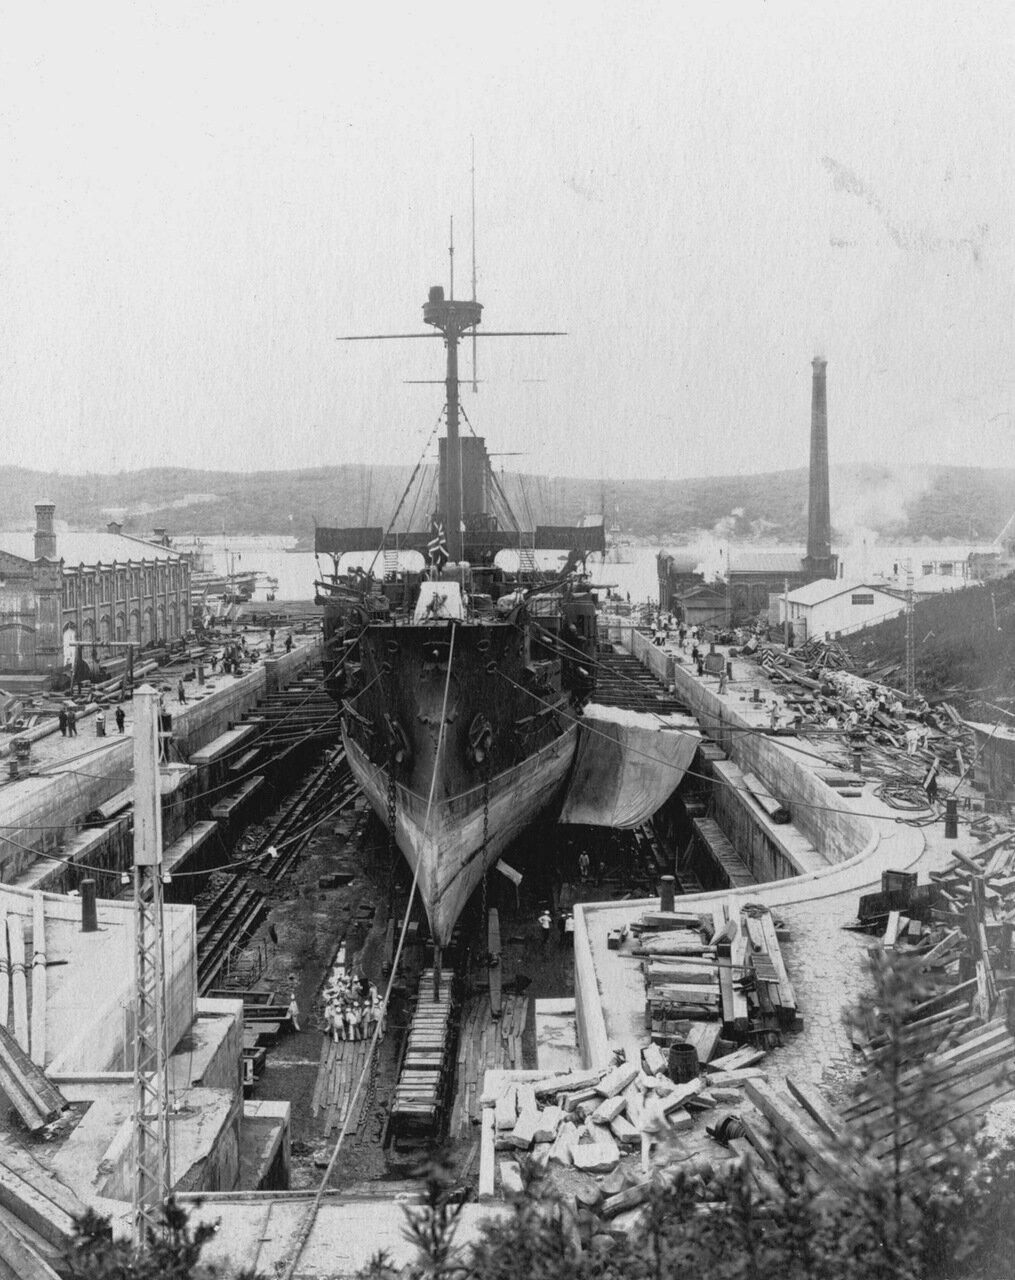 Броненосный крейсер «Громобой» во Владивостокском доке. 1901-1905